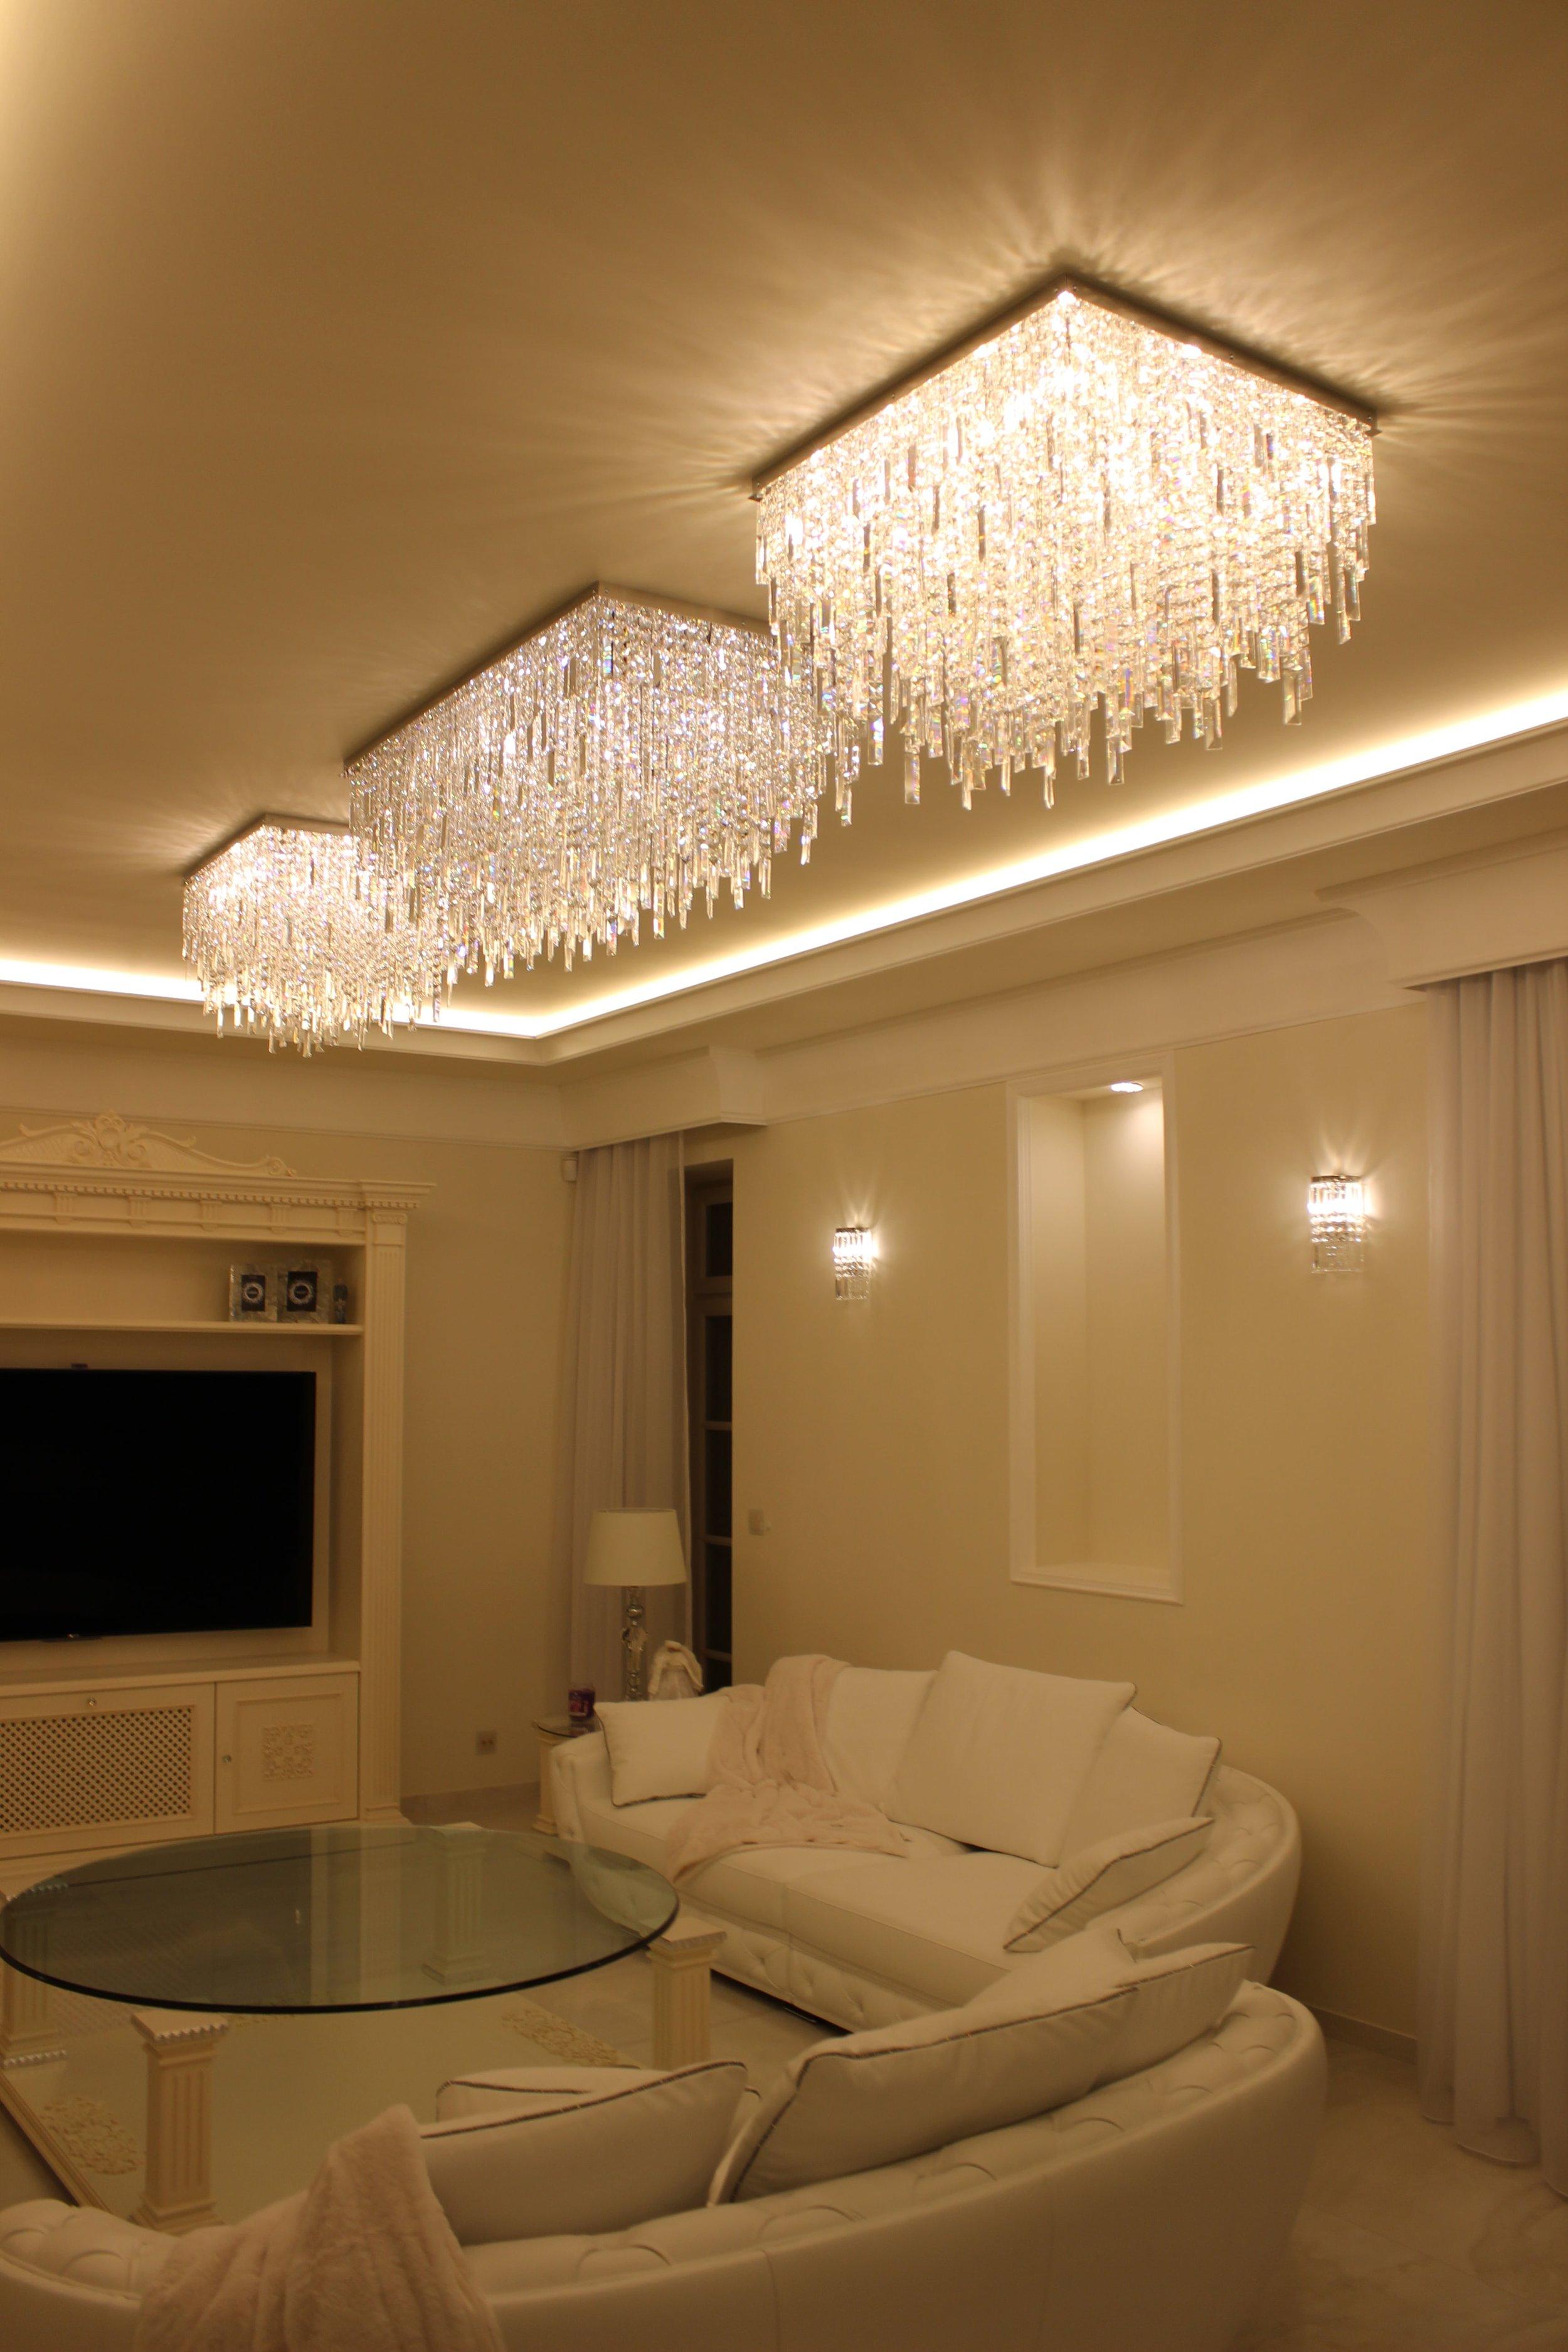 JWZ 315 - modern chandelier in interior b(12)-min.JPG